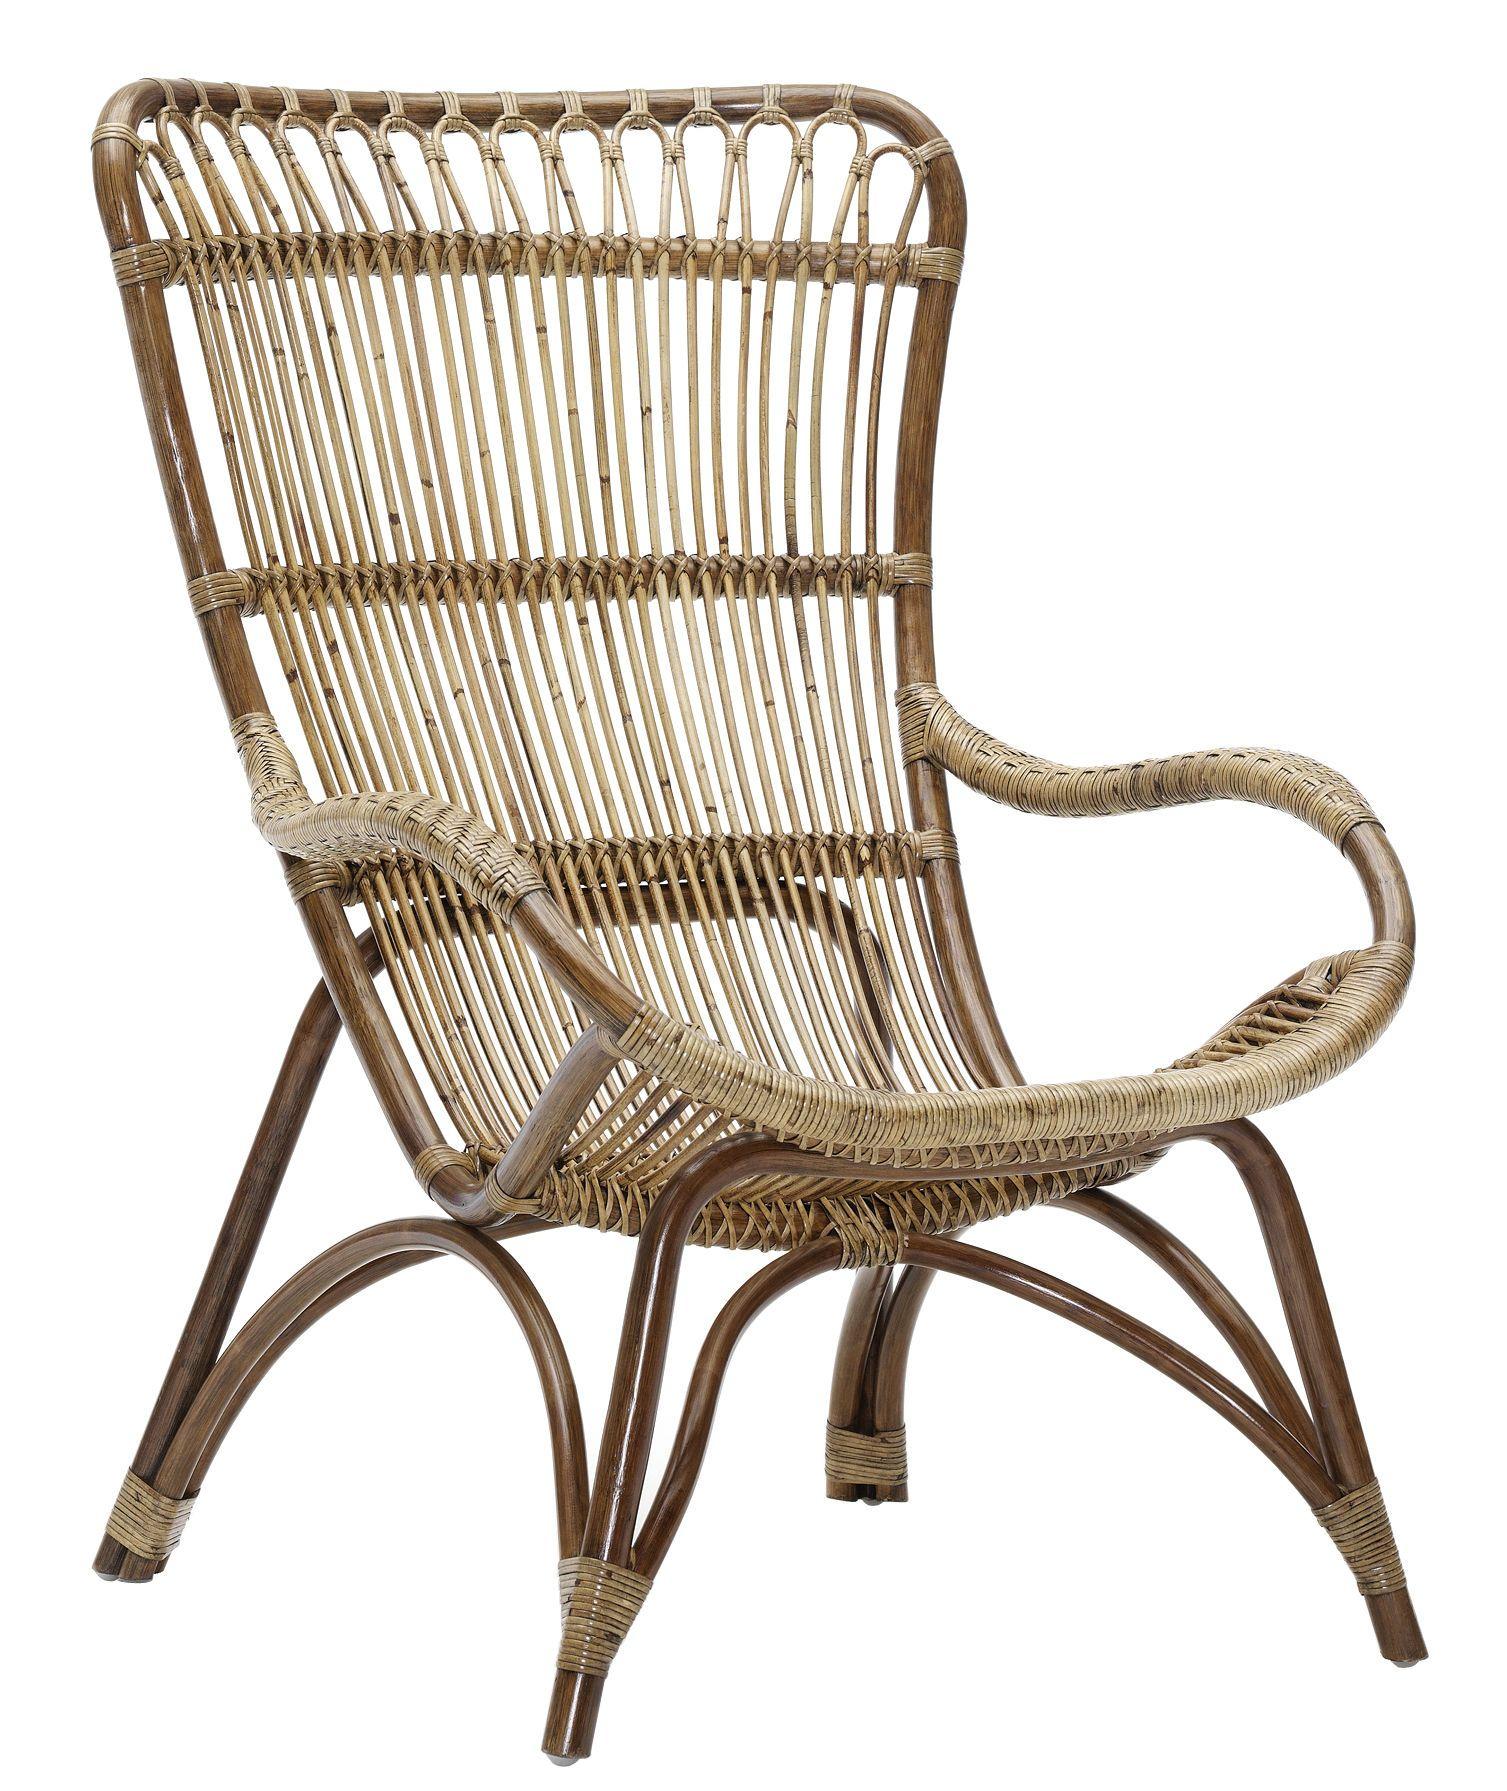 Made in design mobilier contemporain luminaire et décoration tendance pour maison et jardin